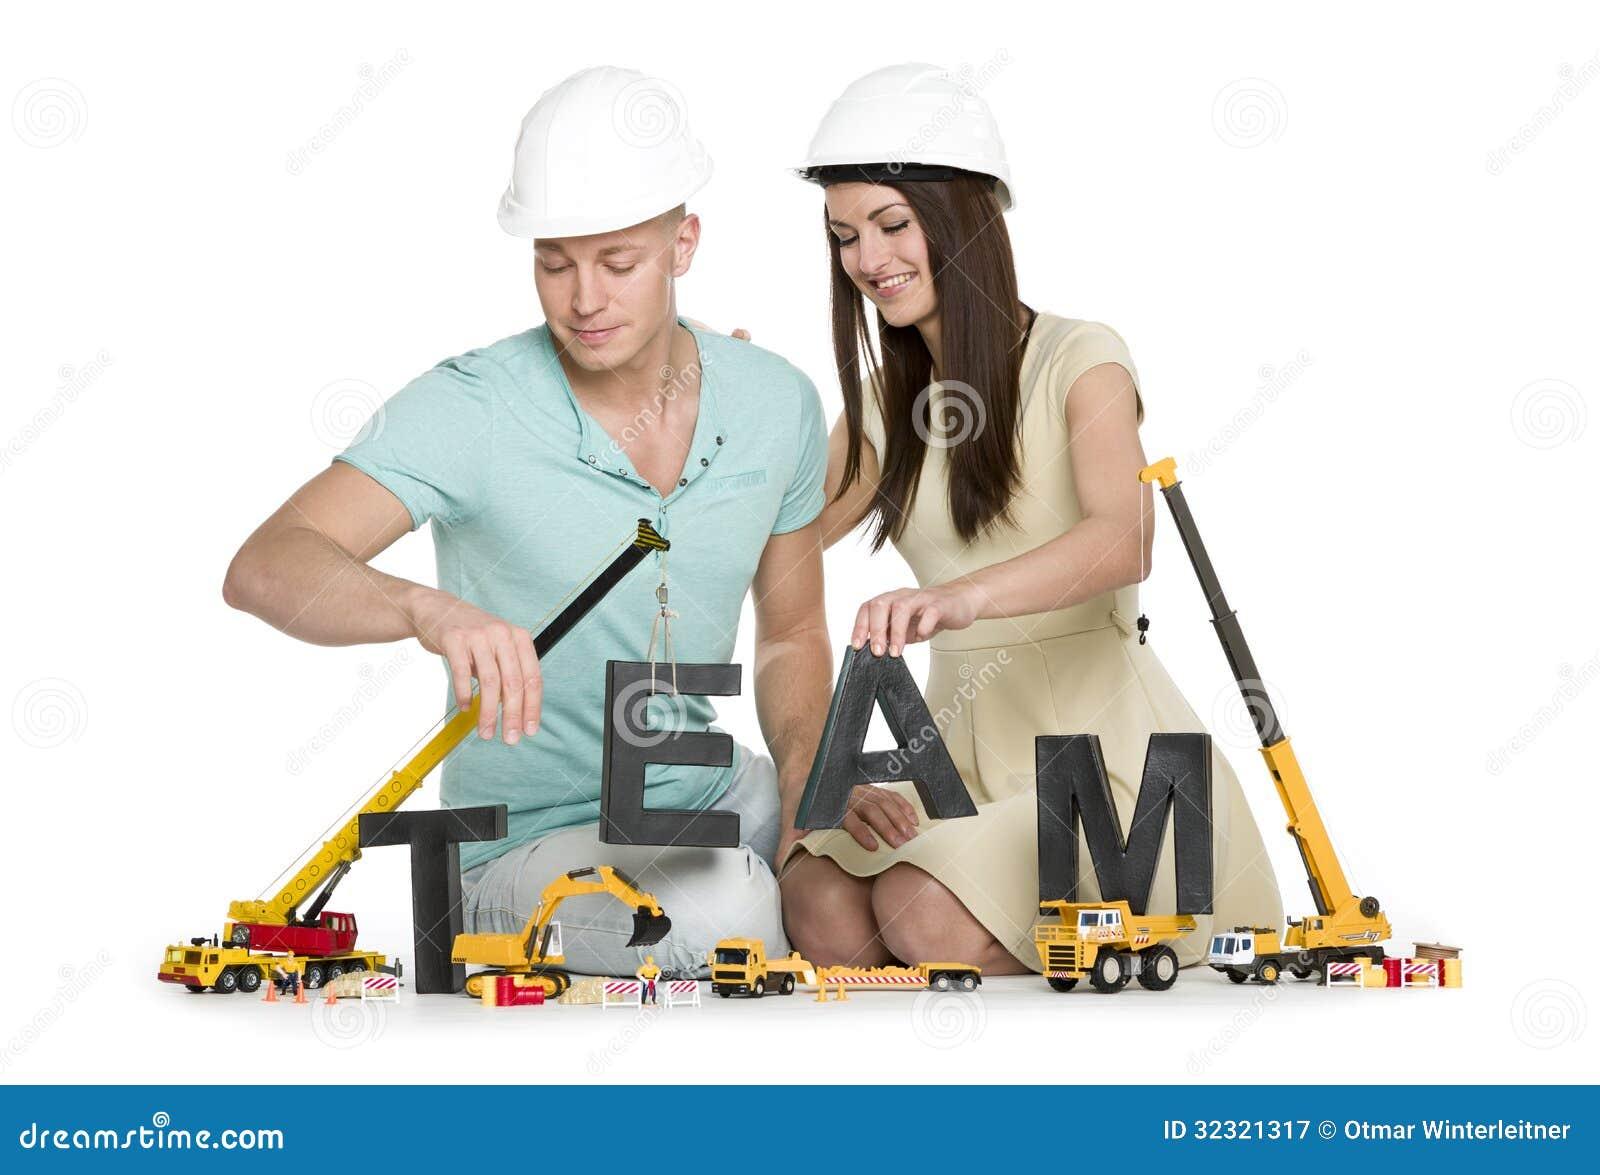 Formung eines Teams: Freudiges Mann- und Frauengebäudeteamwort.